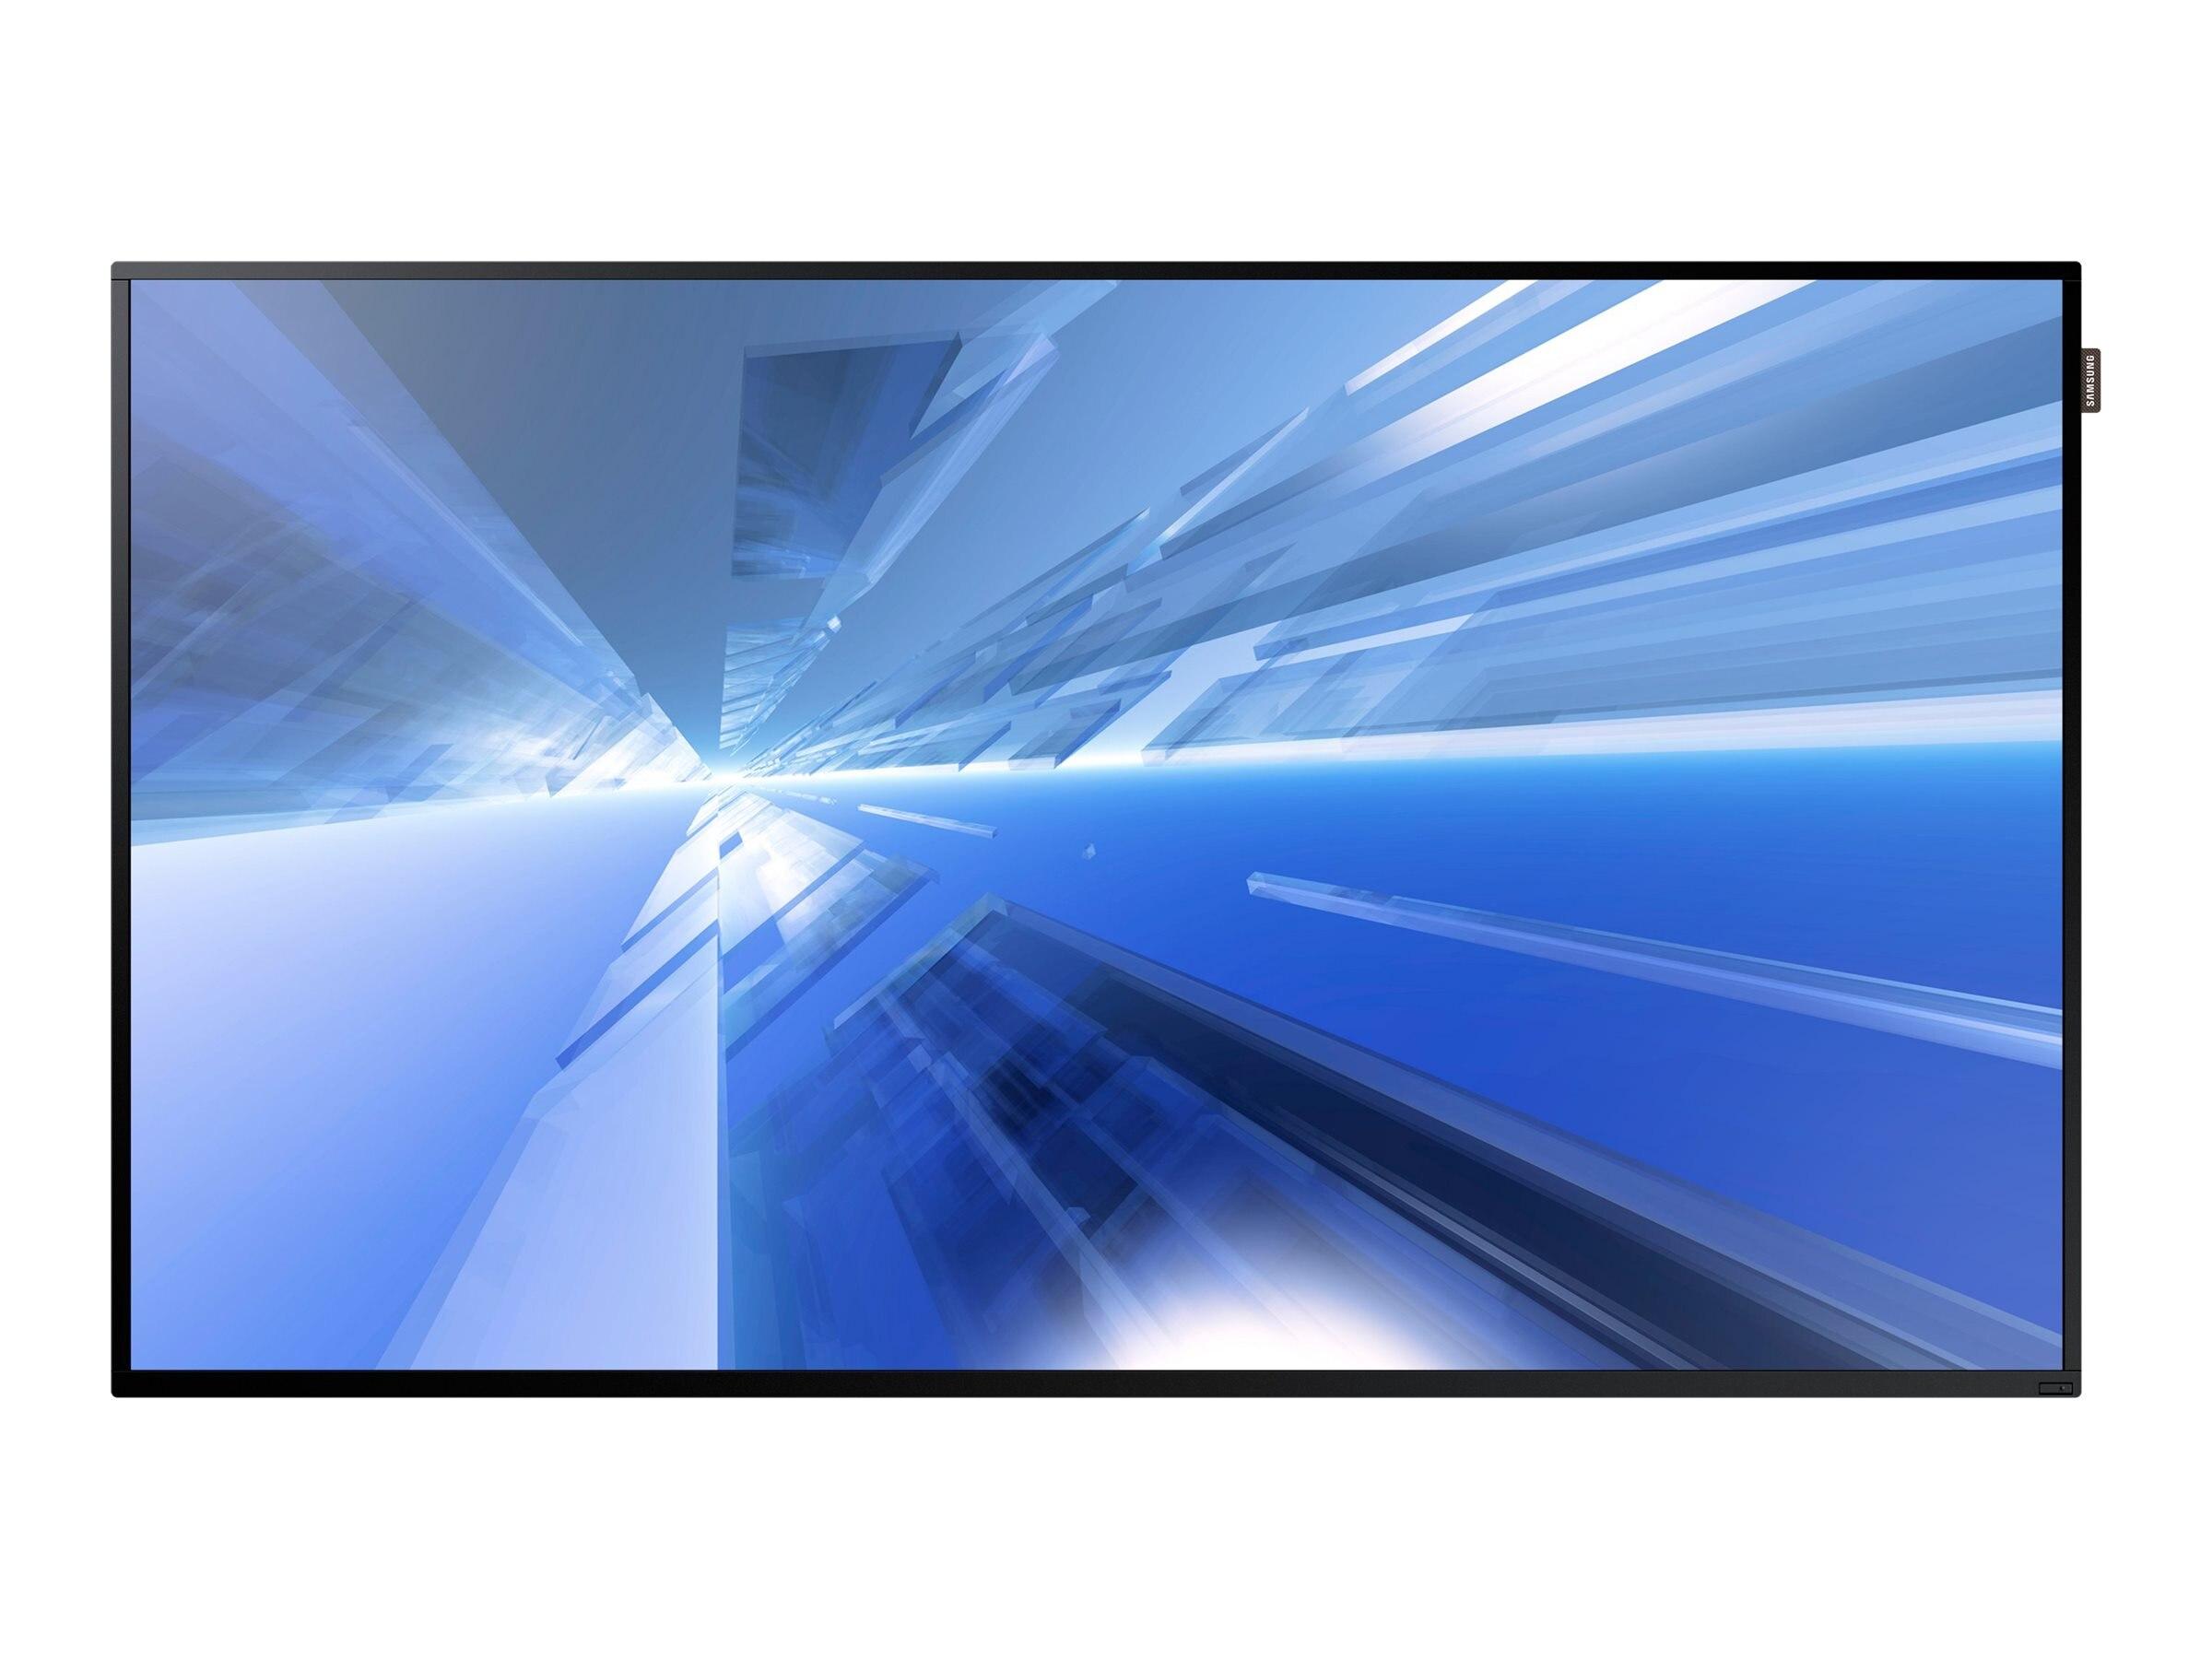 Samsung 40 DM-E Full HD LED-LCD Display, Black, DM40E, 23620309, Monitors - Large Format